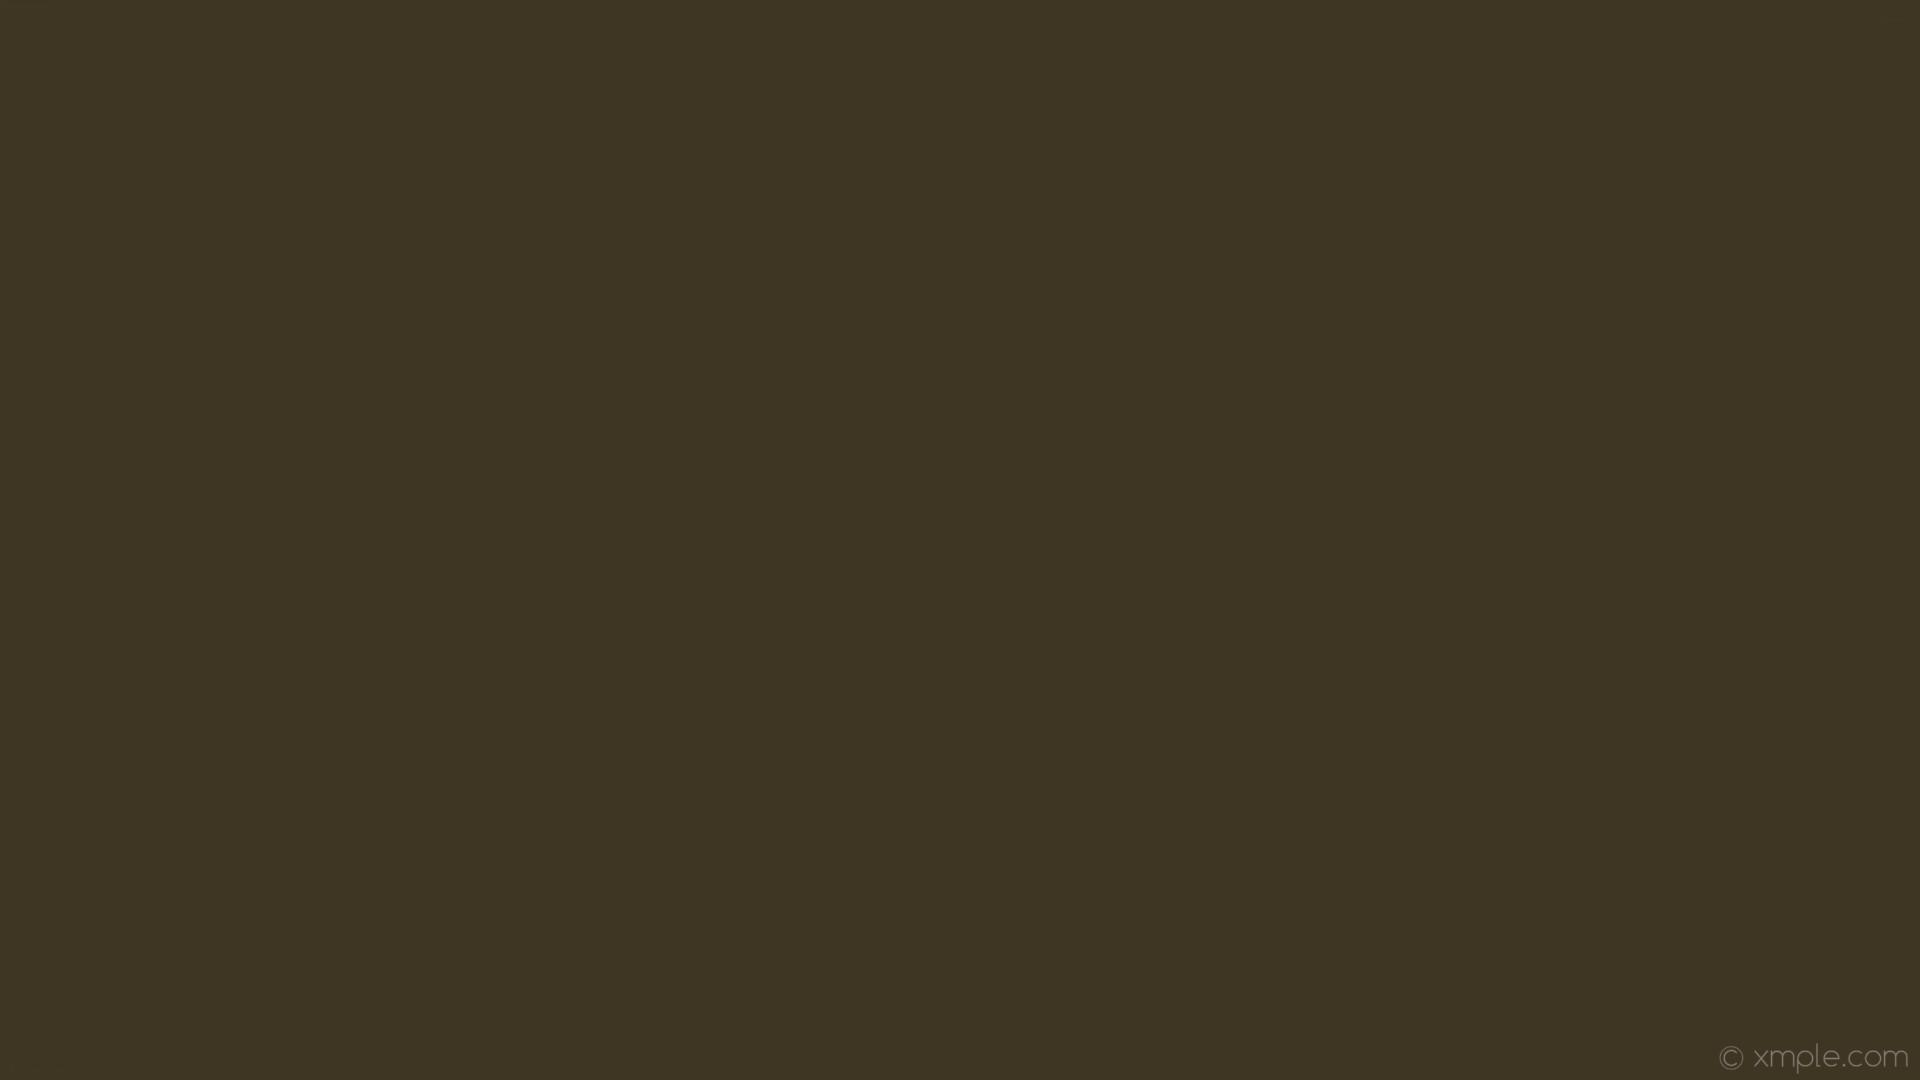 1920x1080 Wallpaper Single Plain One Colour Solid Color Orange D1b270